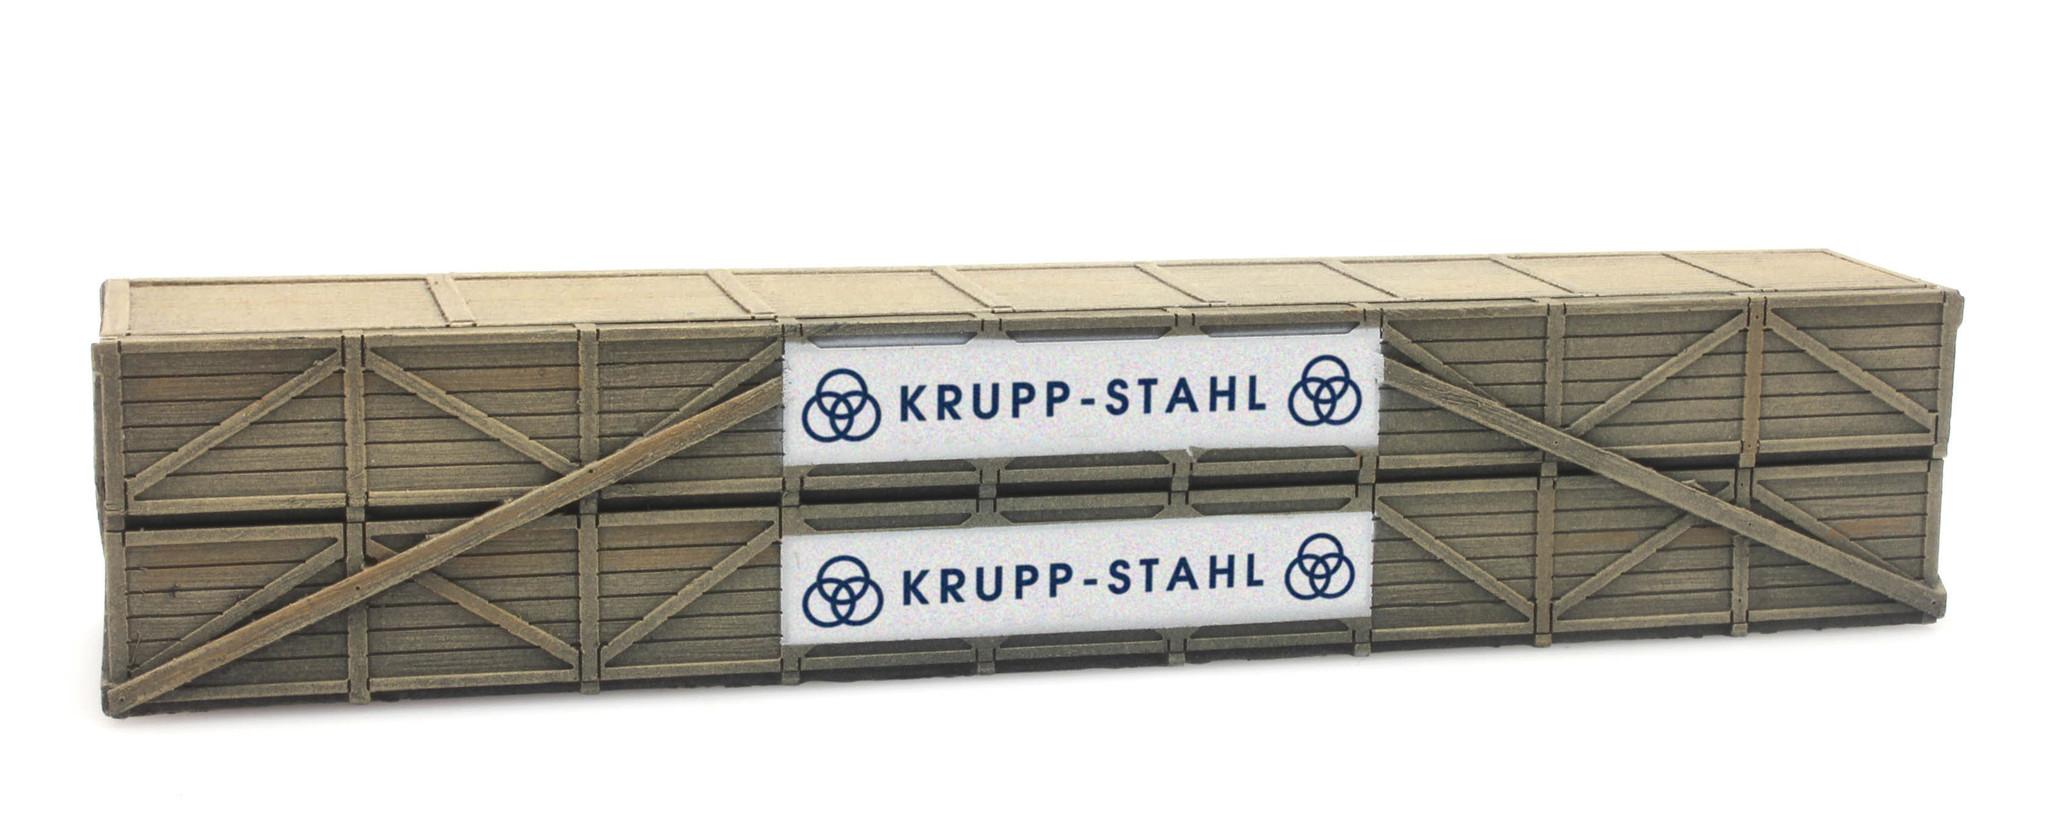 Ladung: Transportkiste Krupp-Stahl